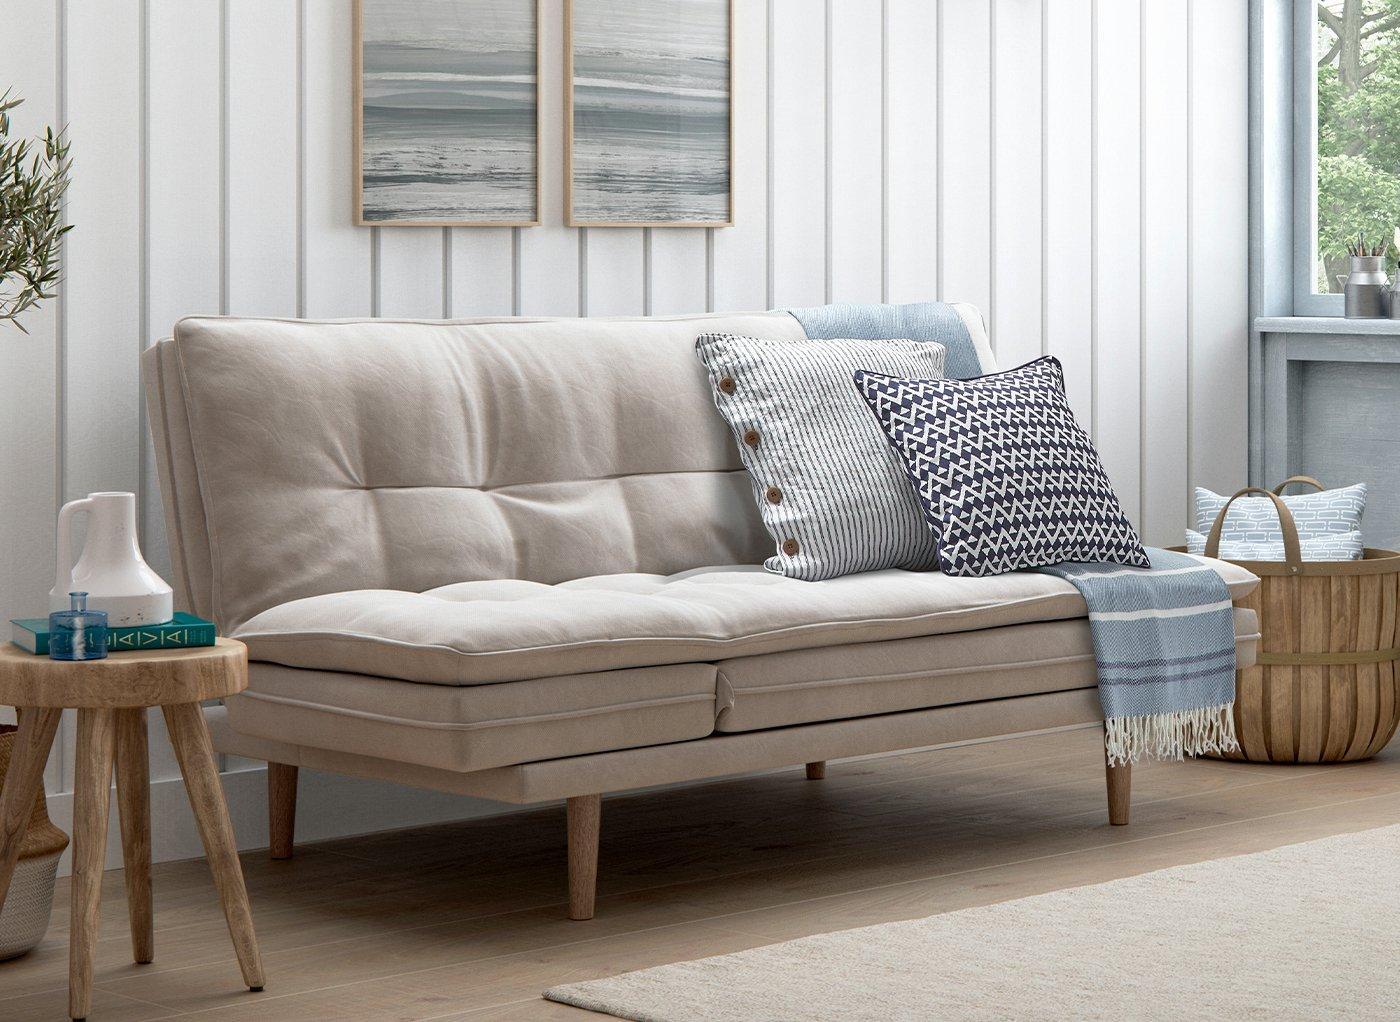 Dublin 3 Seater Clic-Clac Chaise Sofa Bed (£399)